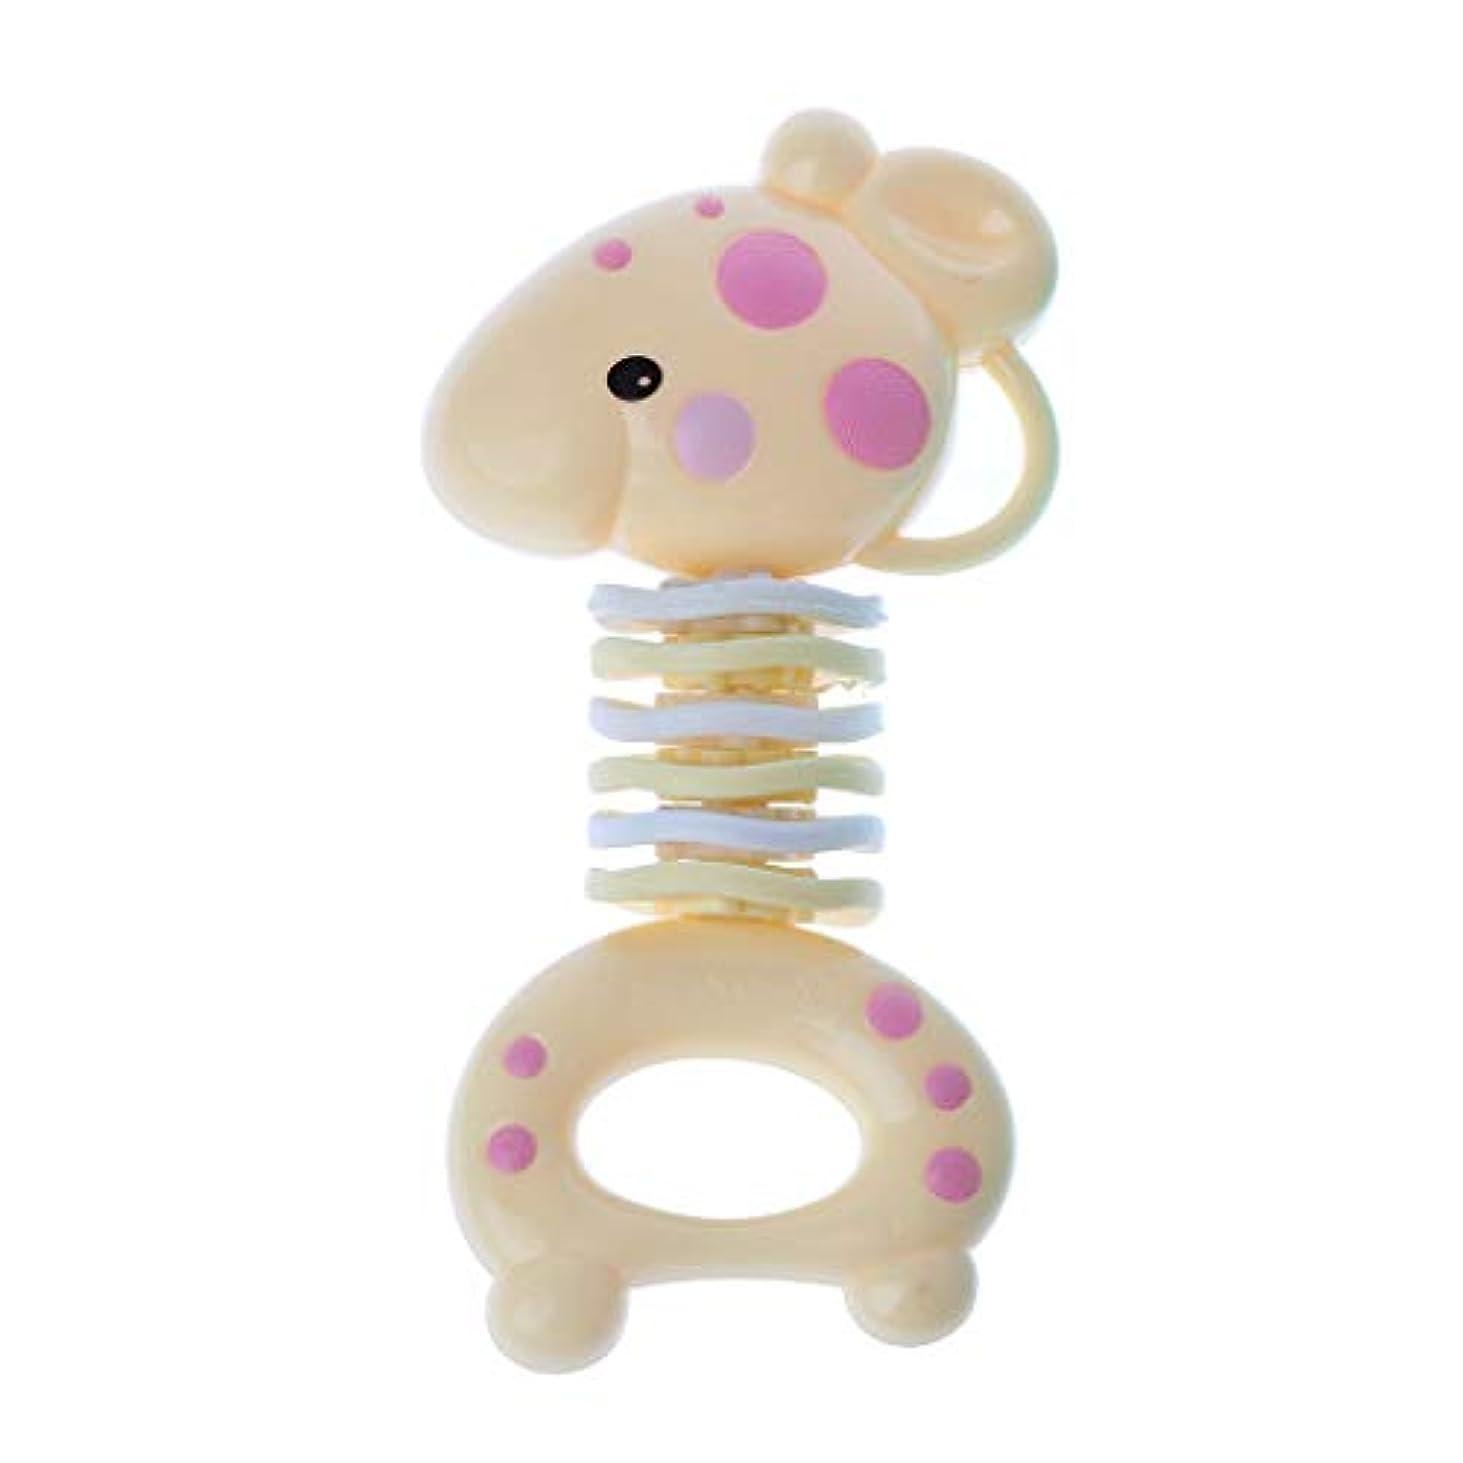 神秘的な故国酒Landdumシリコーン歯が生える癒しのおもちゃ赤ちゃんのおしゃぶりスティック固体の歯の赤ちゃんのガラガラのおしゃぶり玩具グッタ臼歯バーベル - カニ